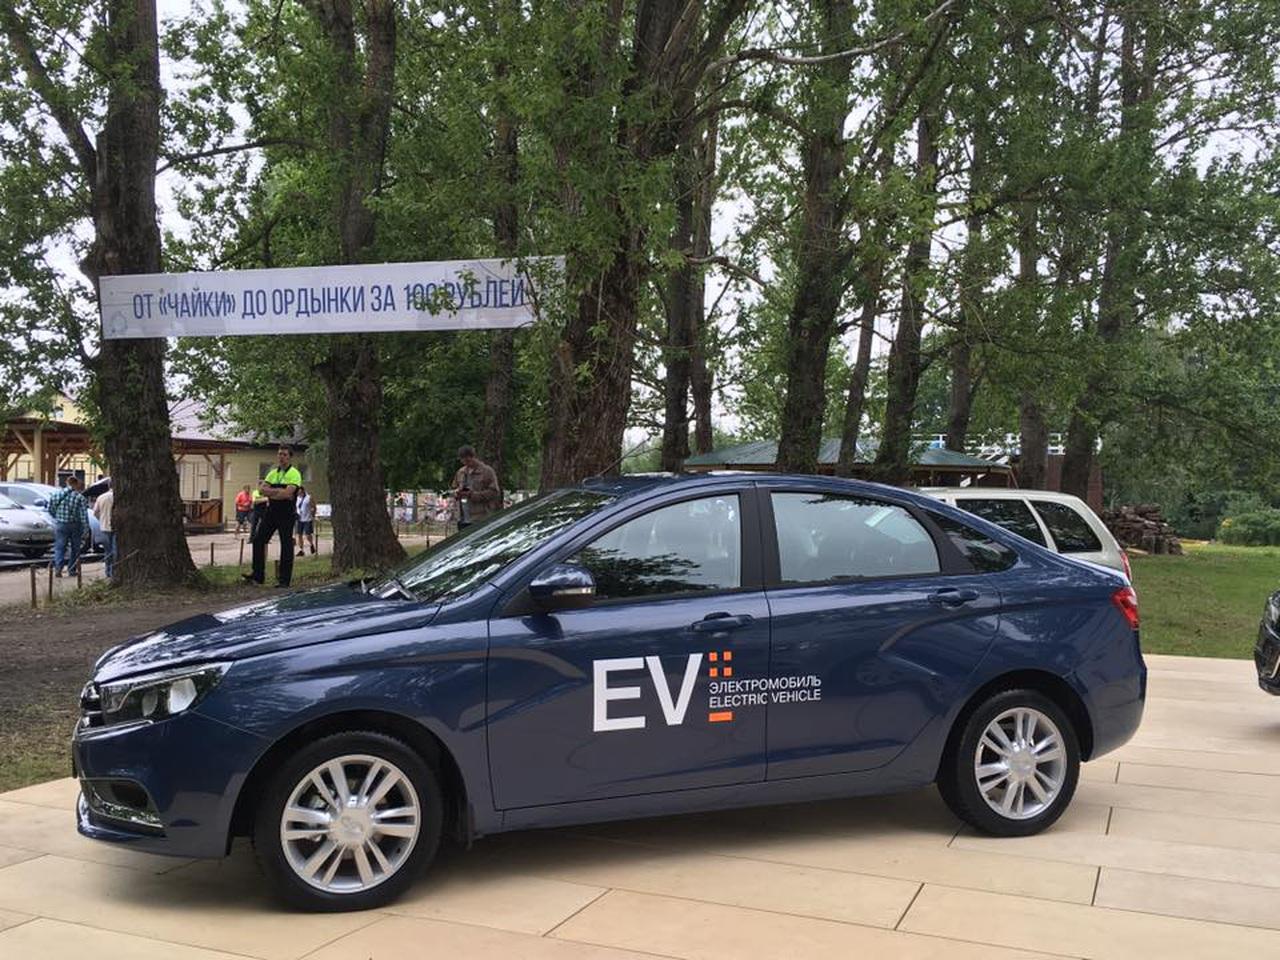 Lada Vesta EV